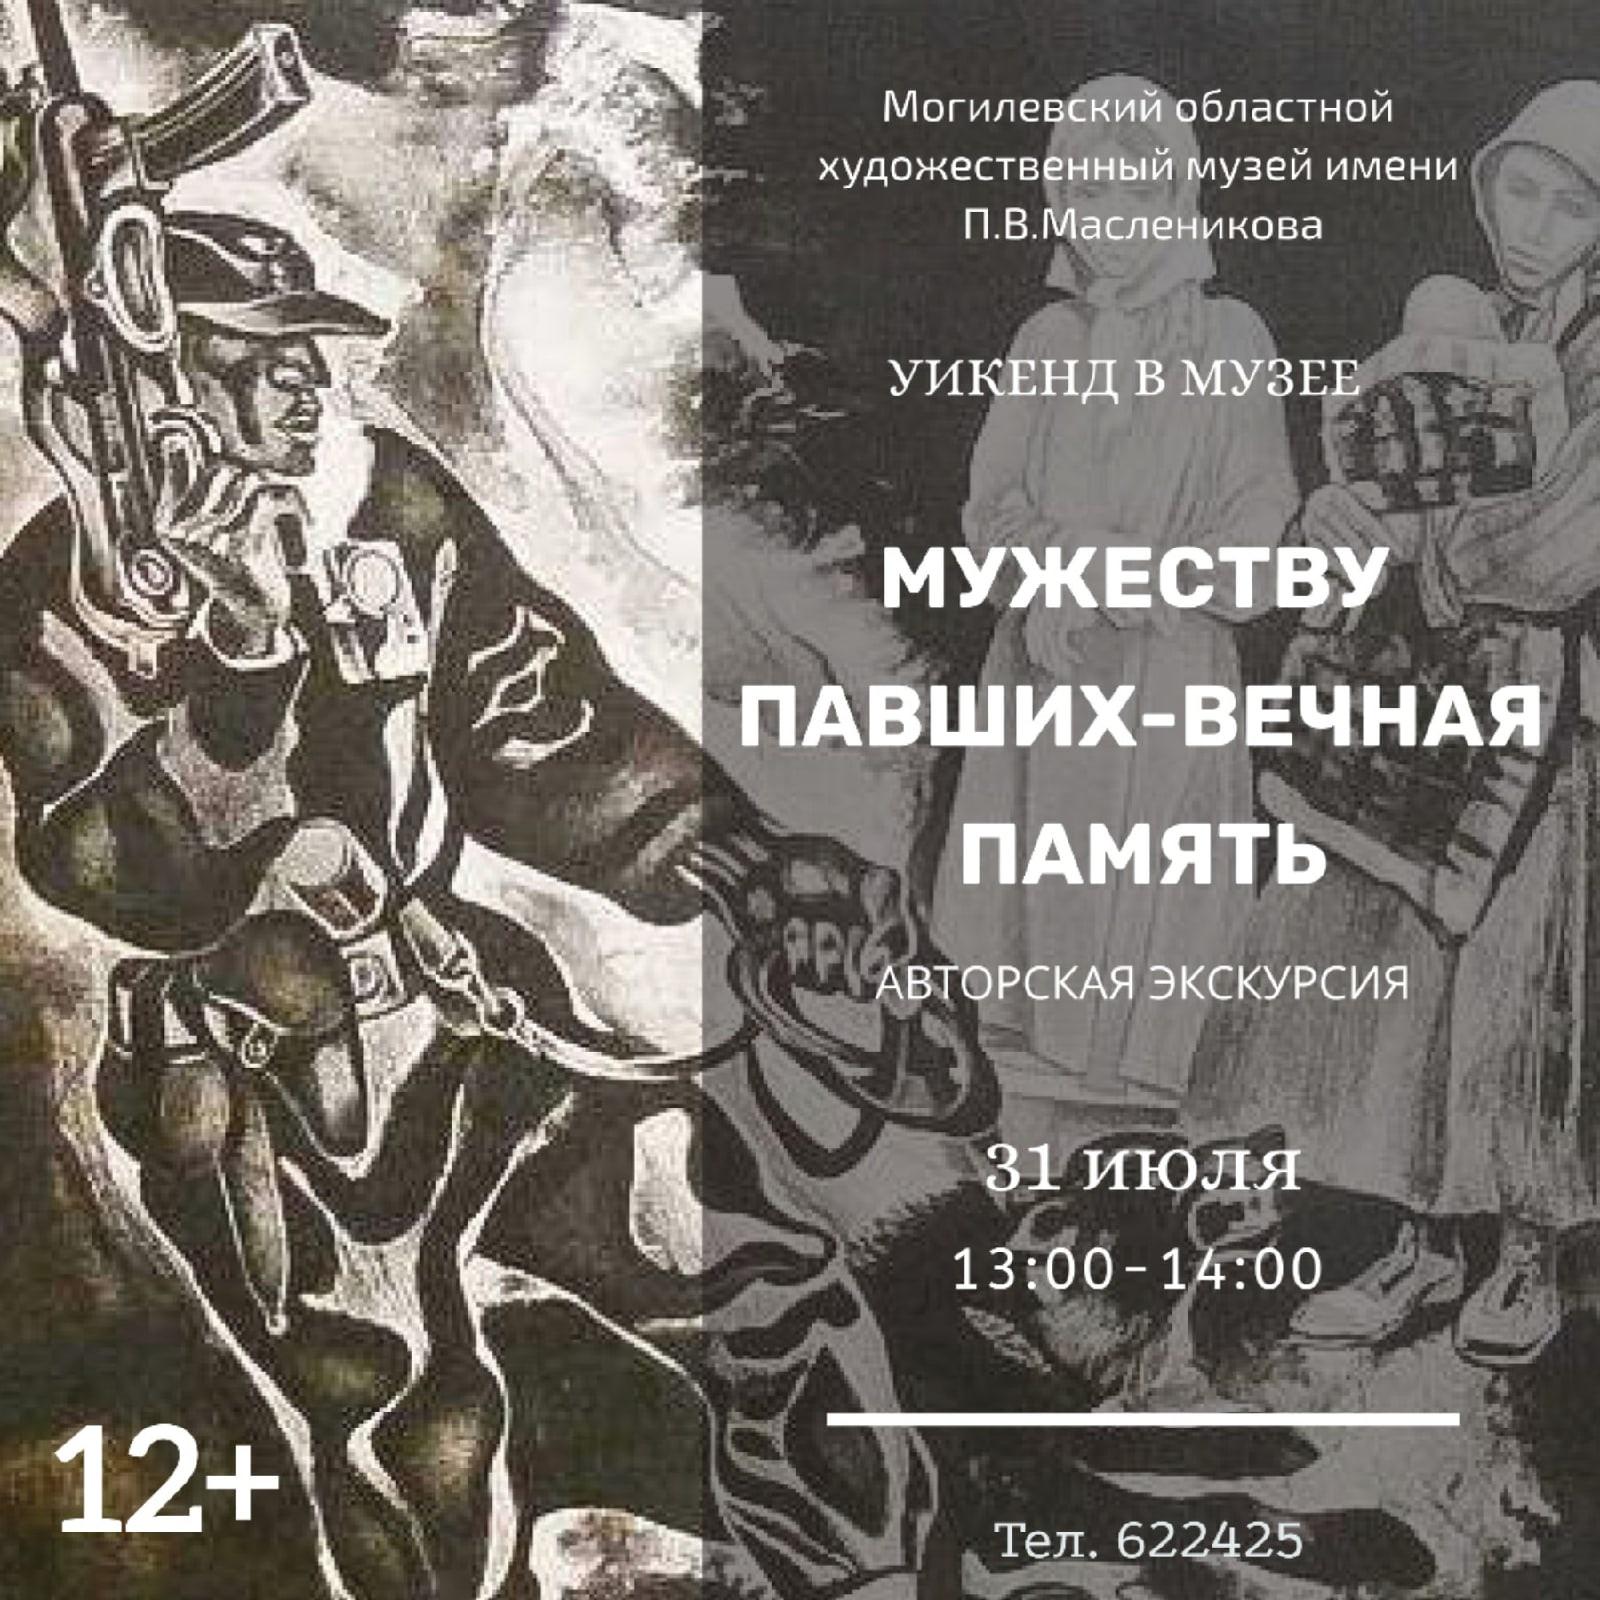 Экскурсия повыставке «Мужеству павших— вечная память», лекция «Икона»: могилевчан приглашают на«Уикенд вмузее»